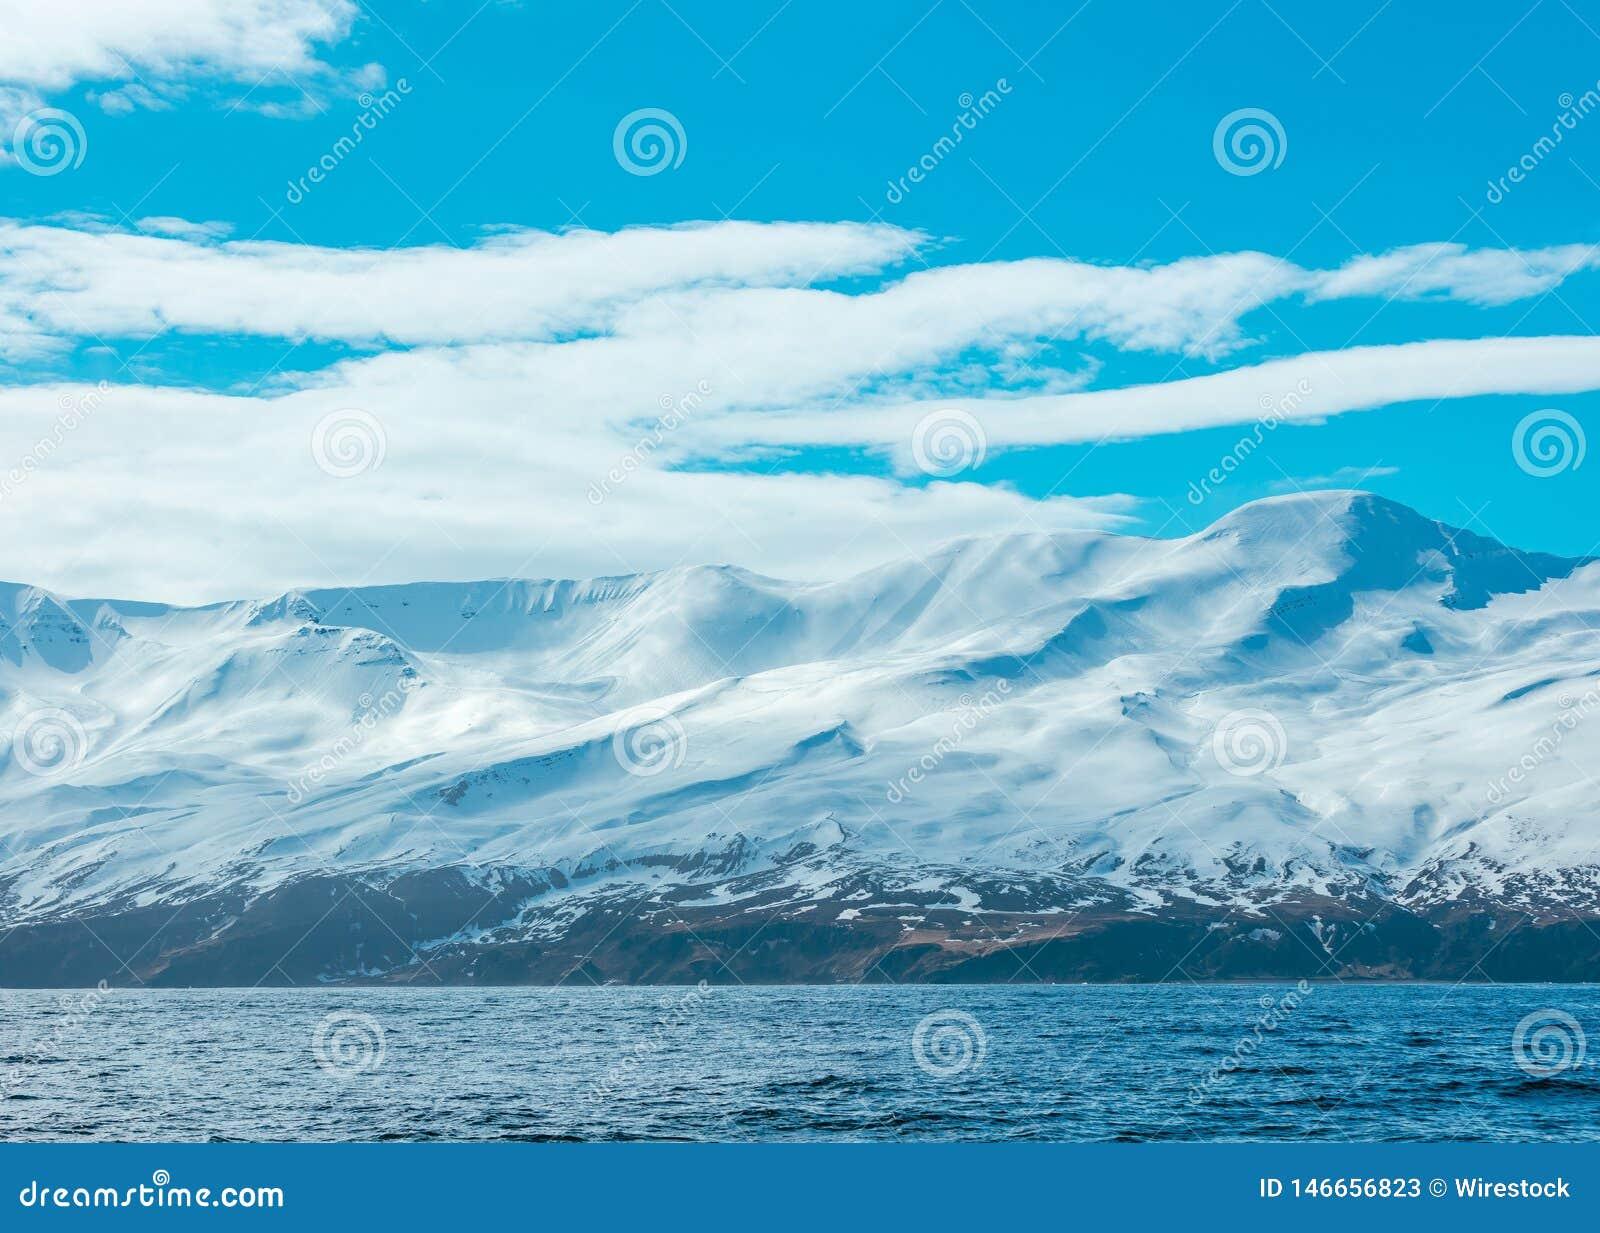 Καταπληκτικός πυροβολισμός των χιονωδών βουνών και της θάλασσας